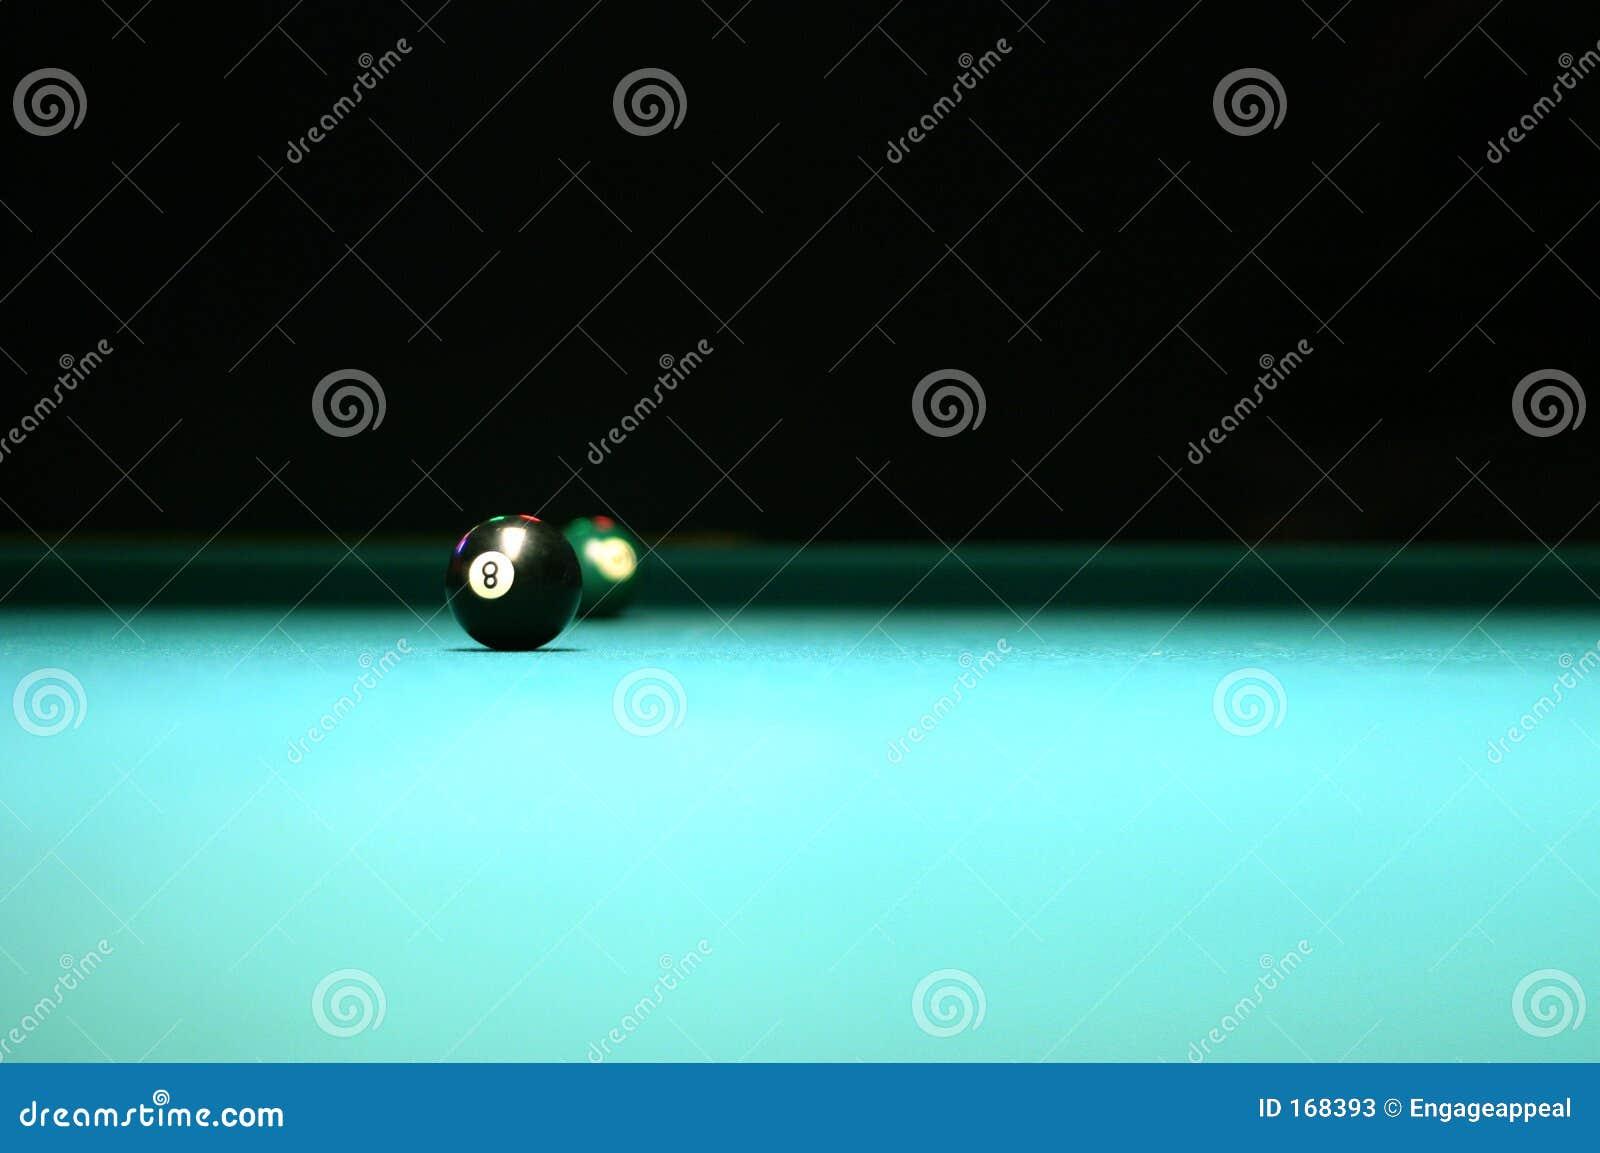 Pool Table 8 Ball